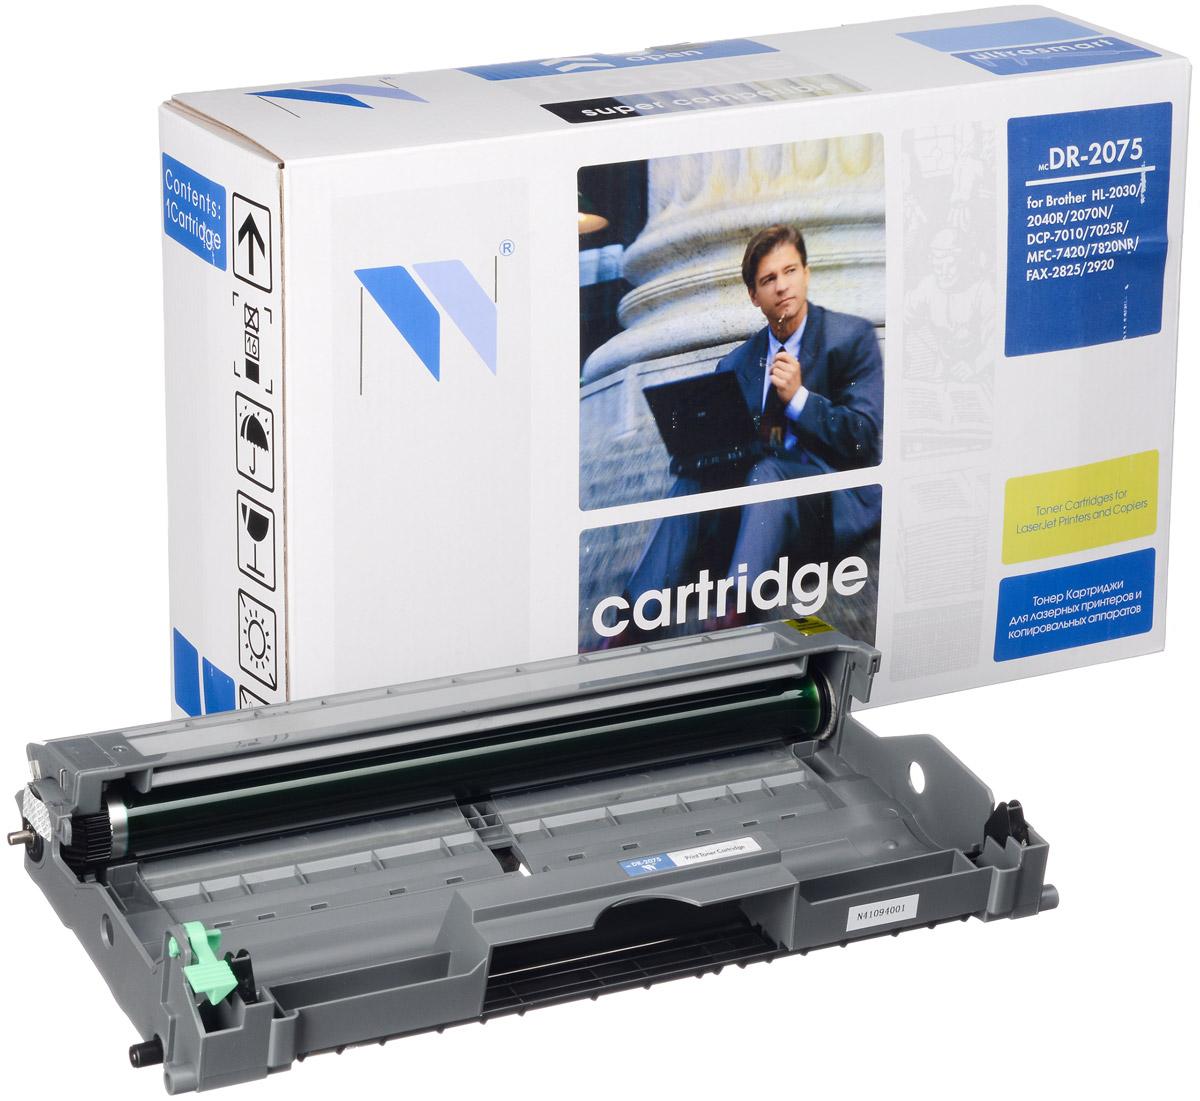 NV Print DR2075, Black фотобарабан для Brother HL2030/2040R/2070N/DCP7010/7025R/MFC7420/7820NR/FAX2825/2920NV-DR2075Совместимый лазерный картридж NV Print DR2075 для печатающих устройств Brother - это альтернатива приобретению оригинальных расходных материалов. При этом качество печати остается высоким. Картридж обеспечивает повышенную чёткость чёрного текста и плавность переходов оттенков серого цвета и полутонов, позволяет отображать мельчайшие детали изображения. Лазерные принтеры, копировальные аппараты и МФУ являются более выгодными в печати, чем струйные устройства, так как лазерных картриджей хватает на значительно большее количество отпечатков, чем обычных. Для печати в данном случае используются не чернила, а тонер.